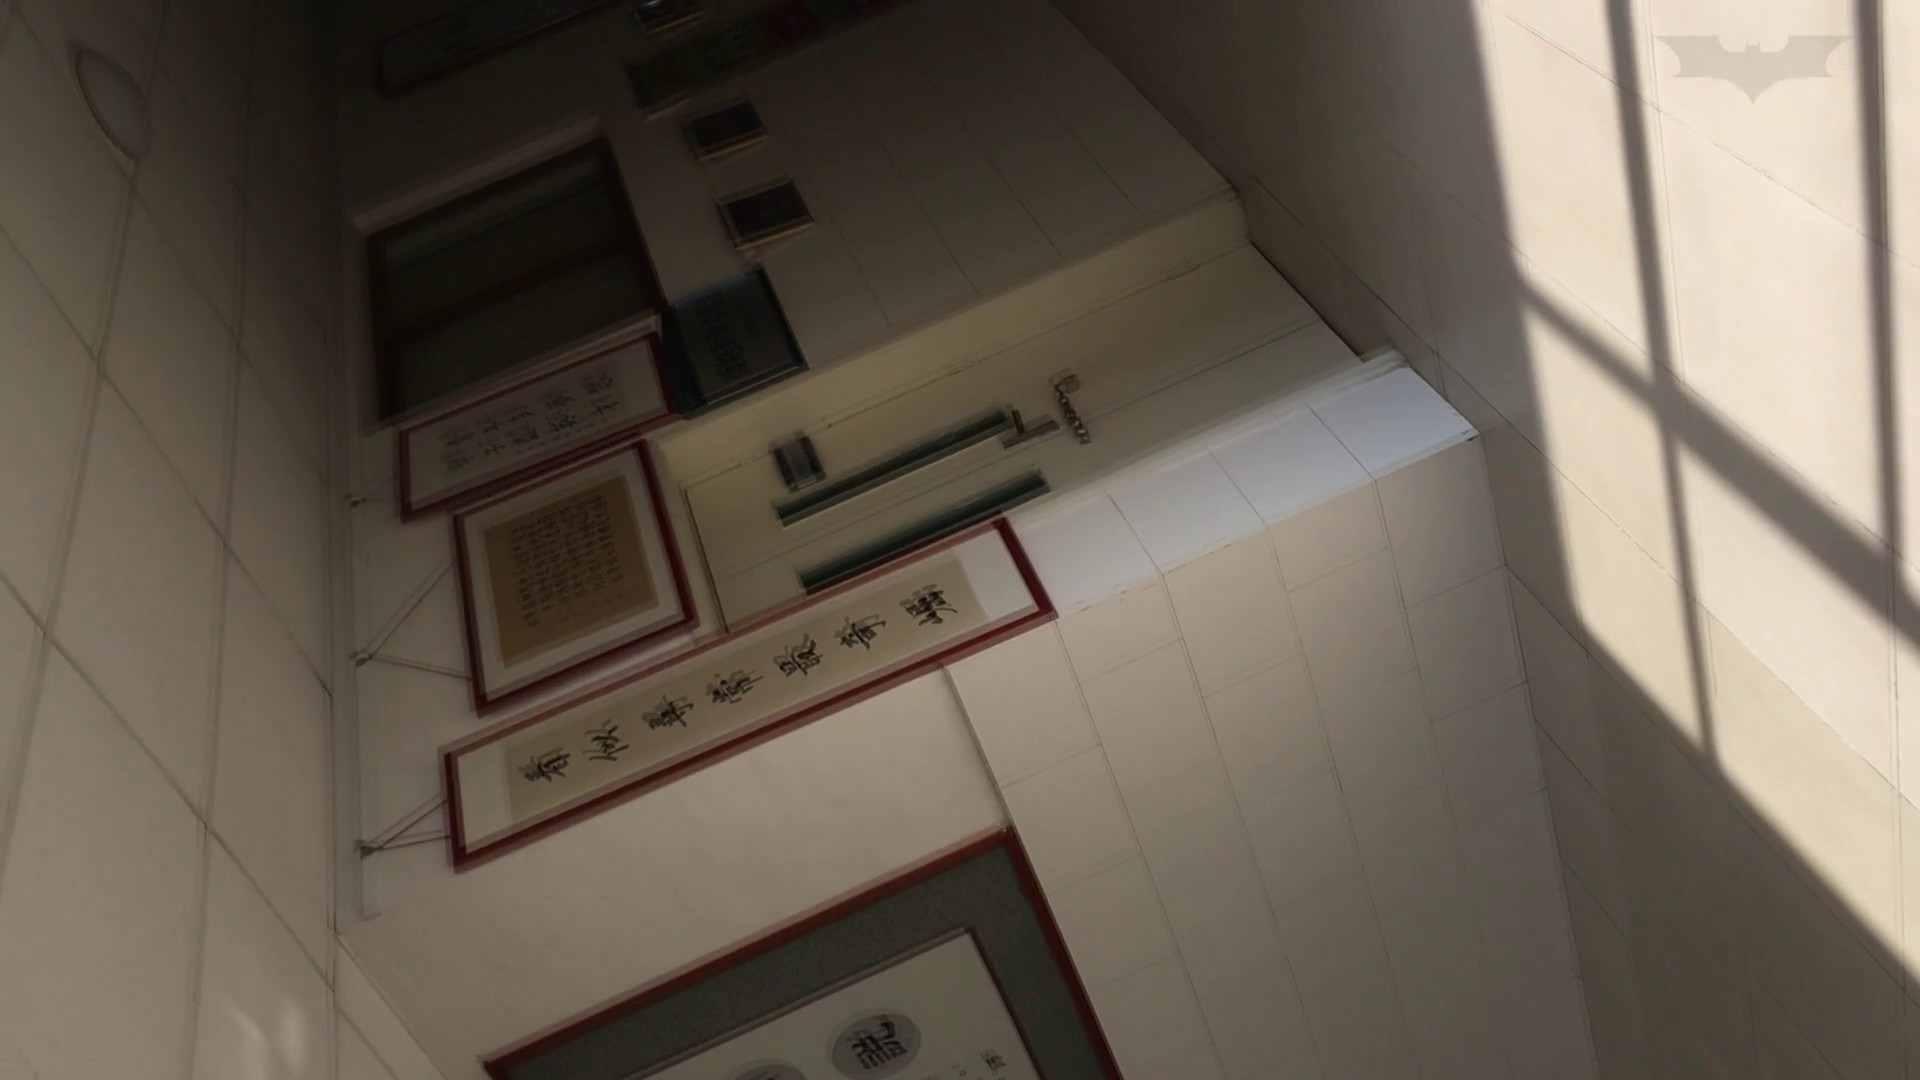 芸術大学ガチ潜入盗撮 JD盗撮 美女の洗面所の秘密 Vol.91 洗面所 | 美女のボディ  58PIX 13